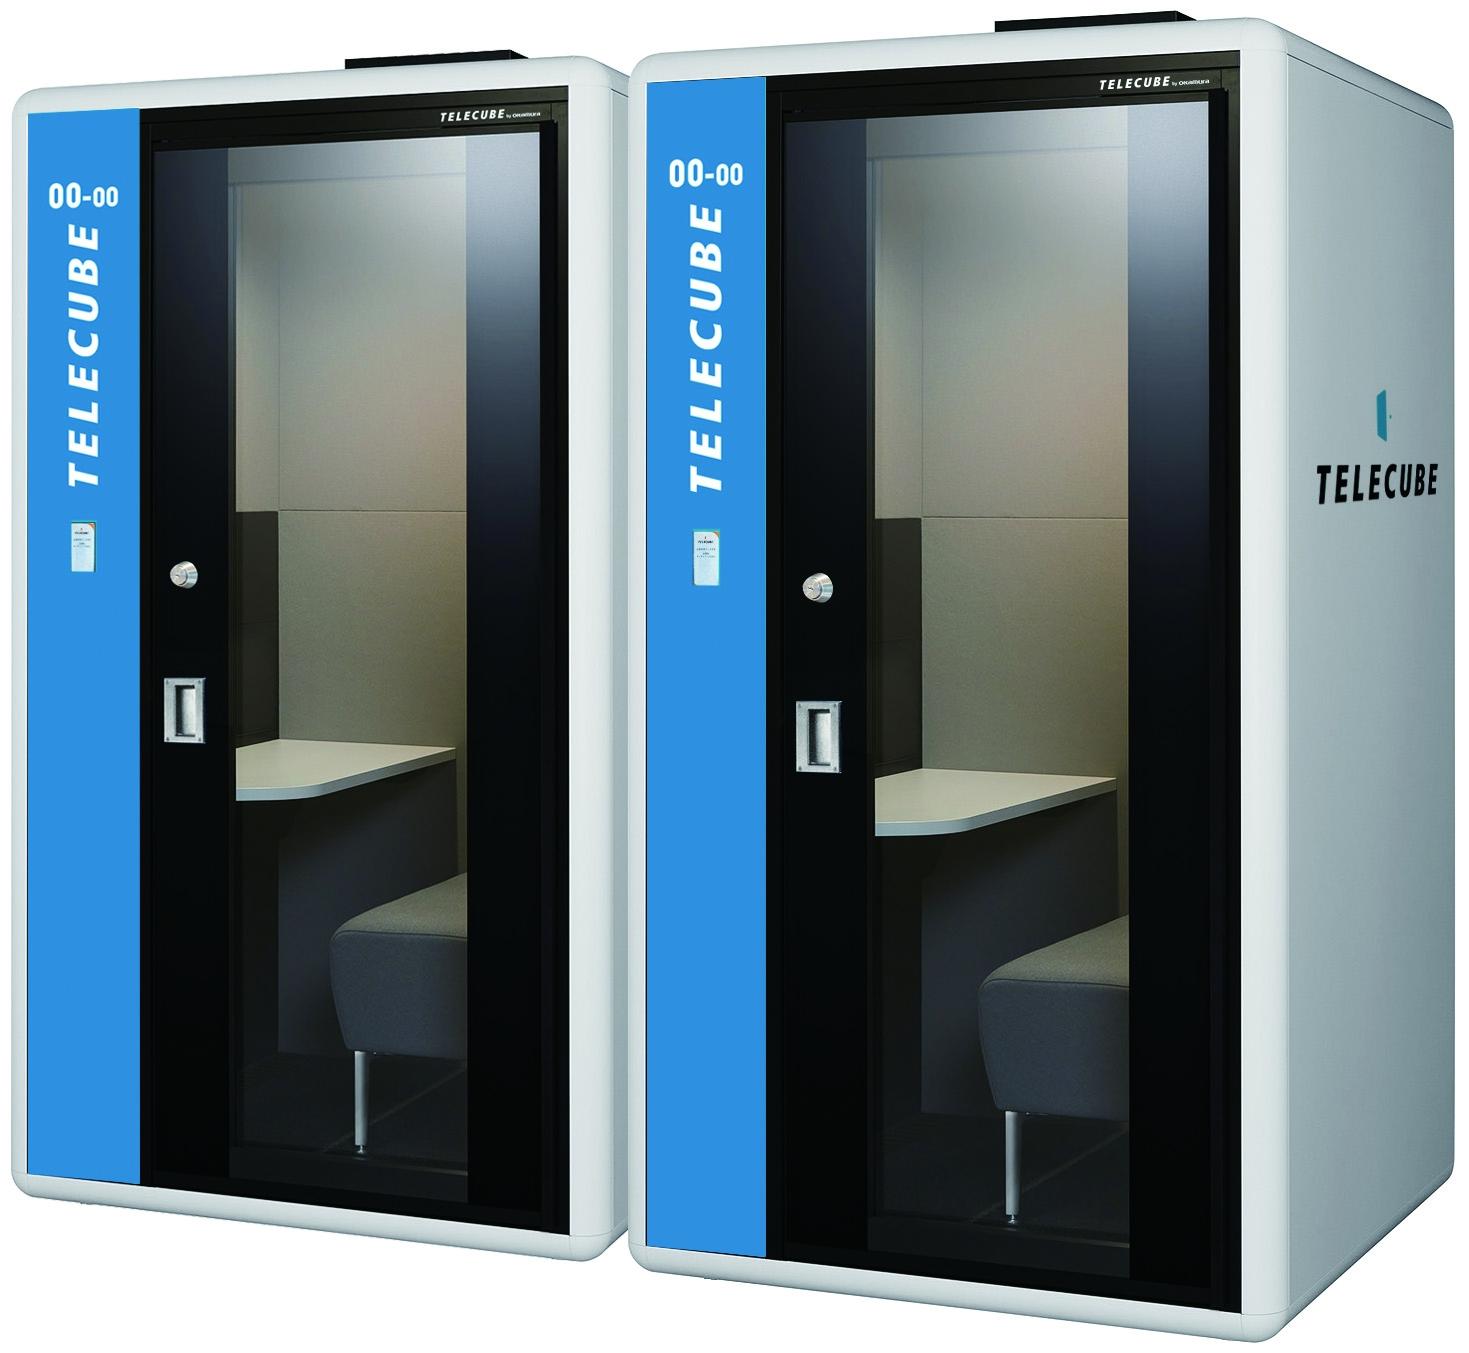 小田急線の駅に、新たな機能が加わります!テレワークのための個室ブース「テレキューブ」を設置